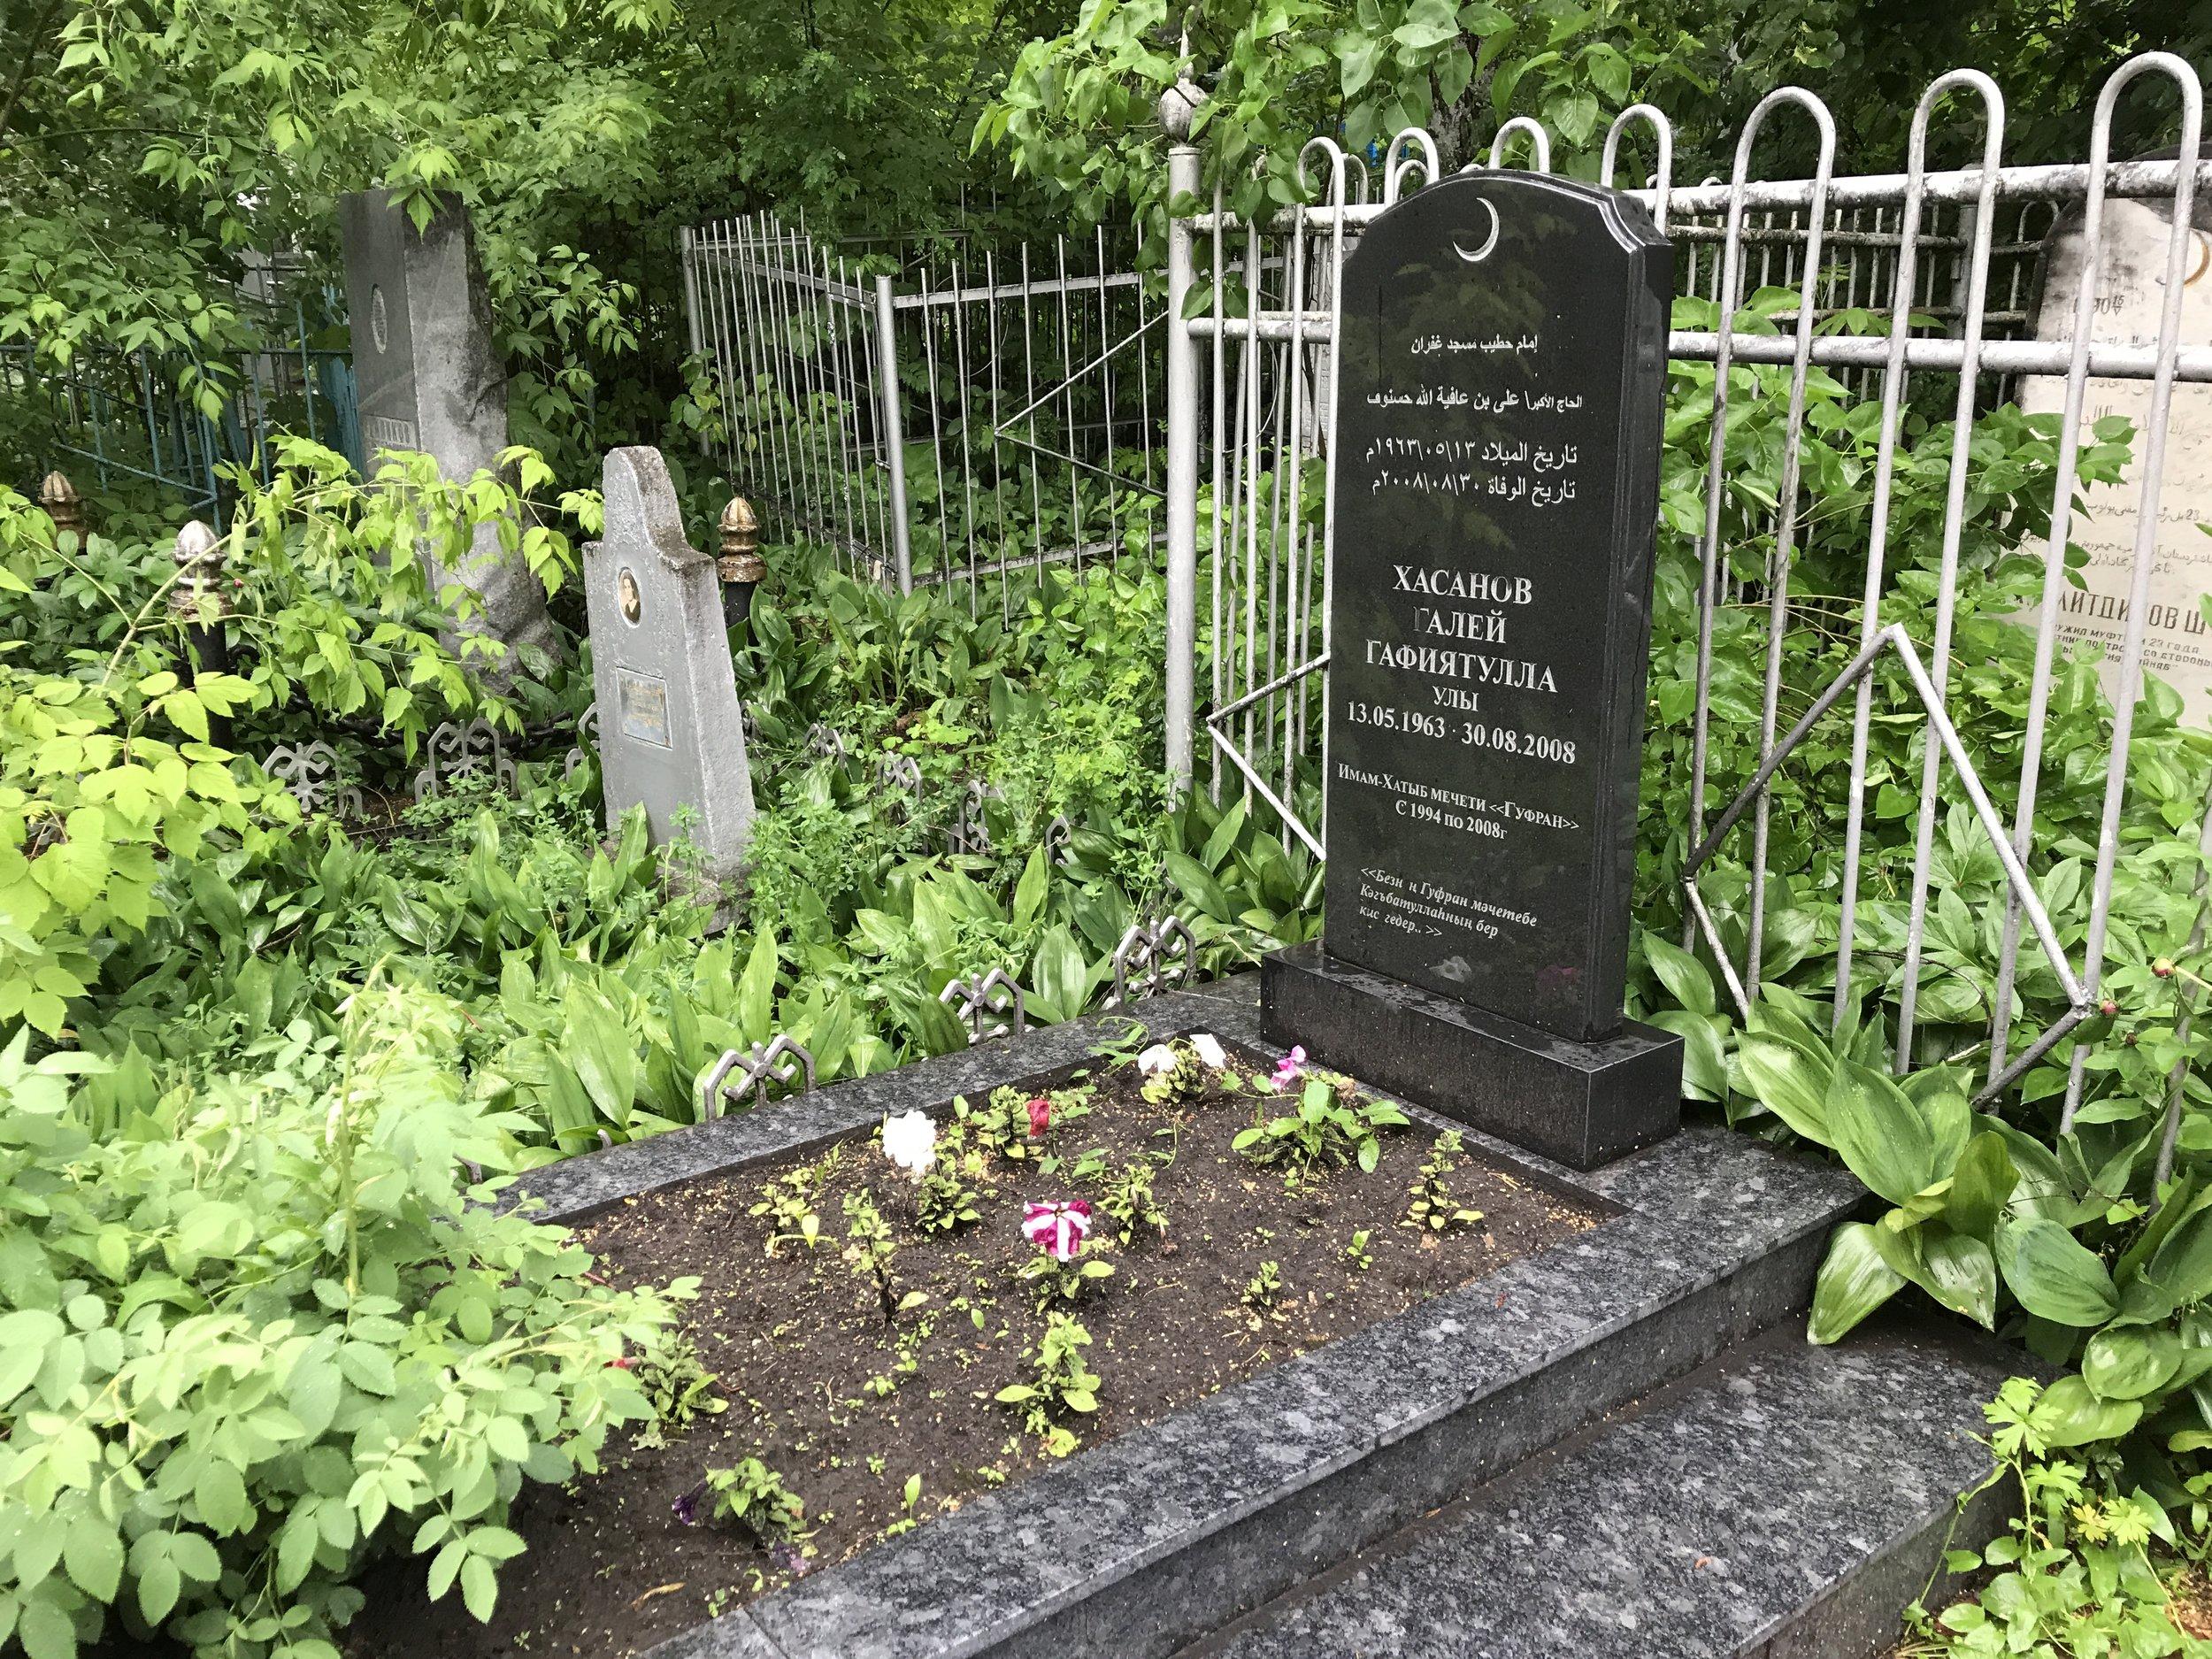 مقابر المسلمين كما رأيتها في أوفا